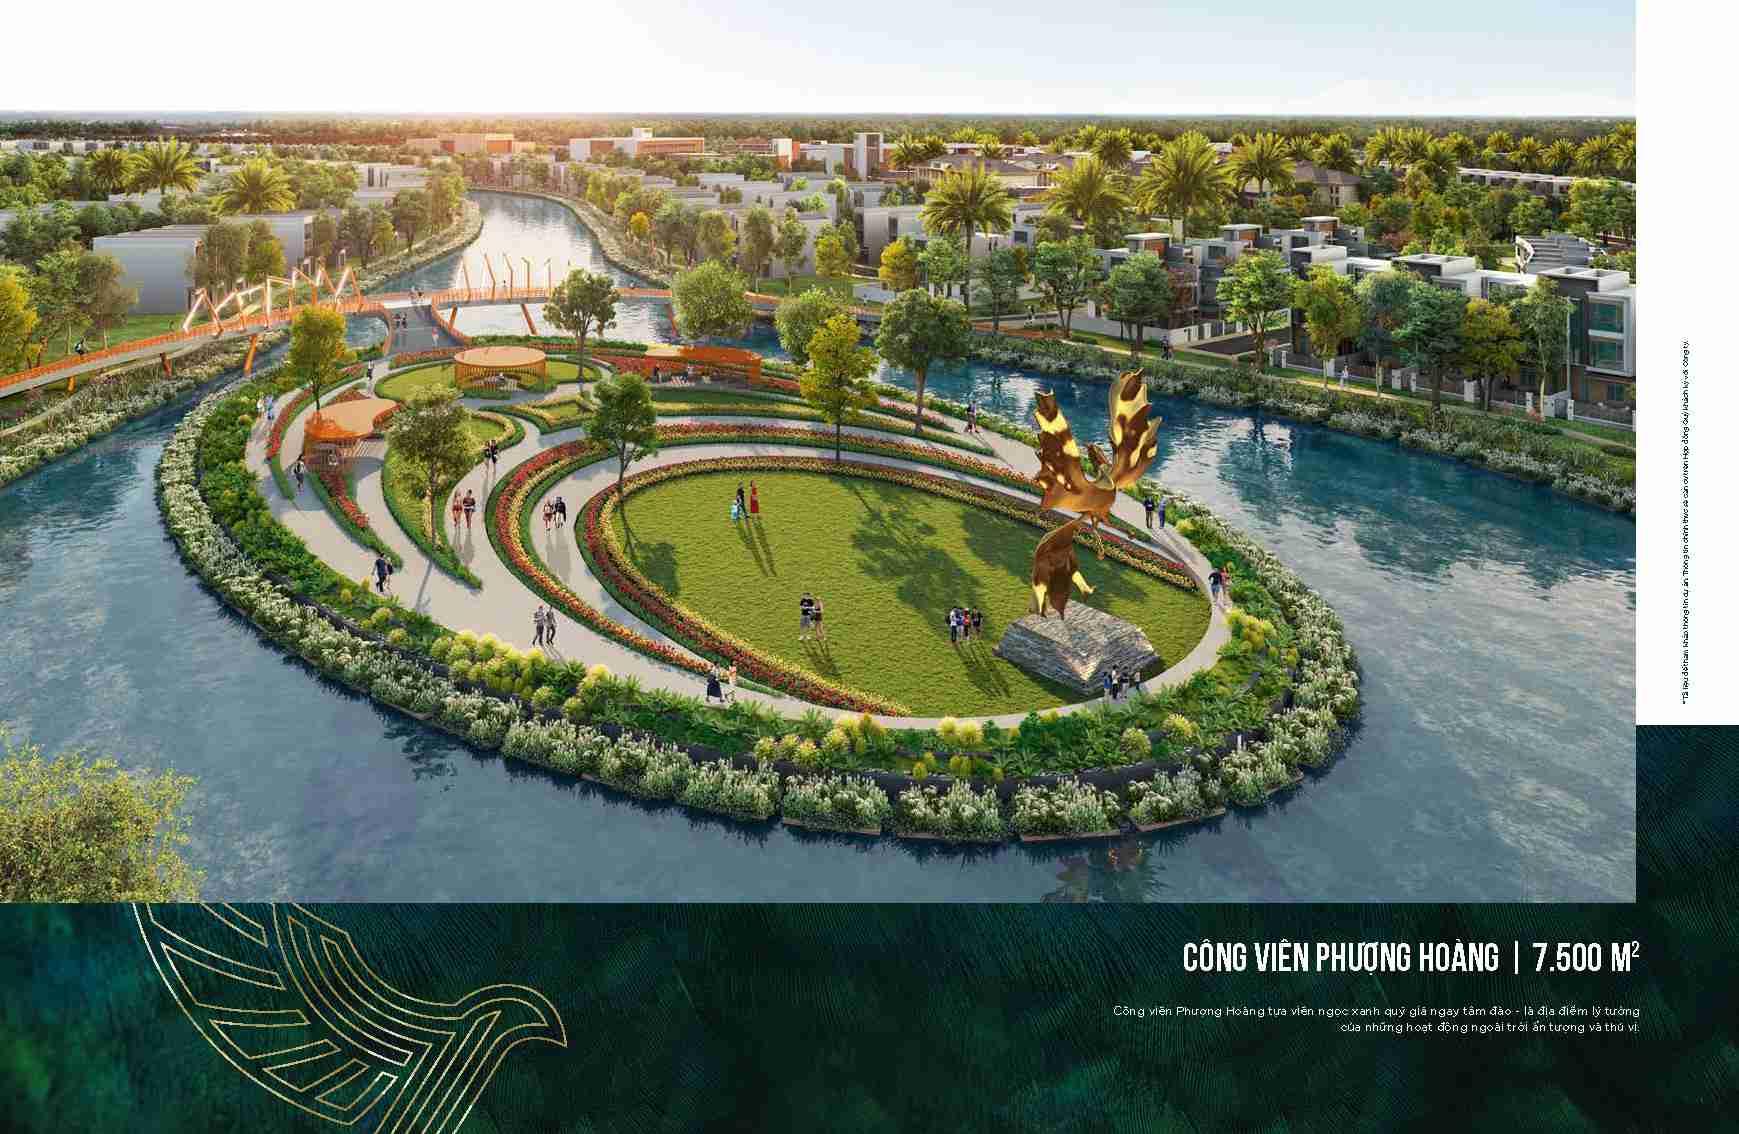 Khám phá quần thể tiện ích The Phoenix South Aqua City